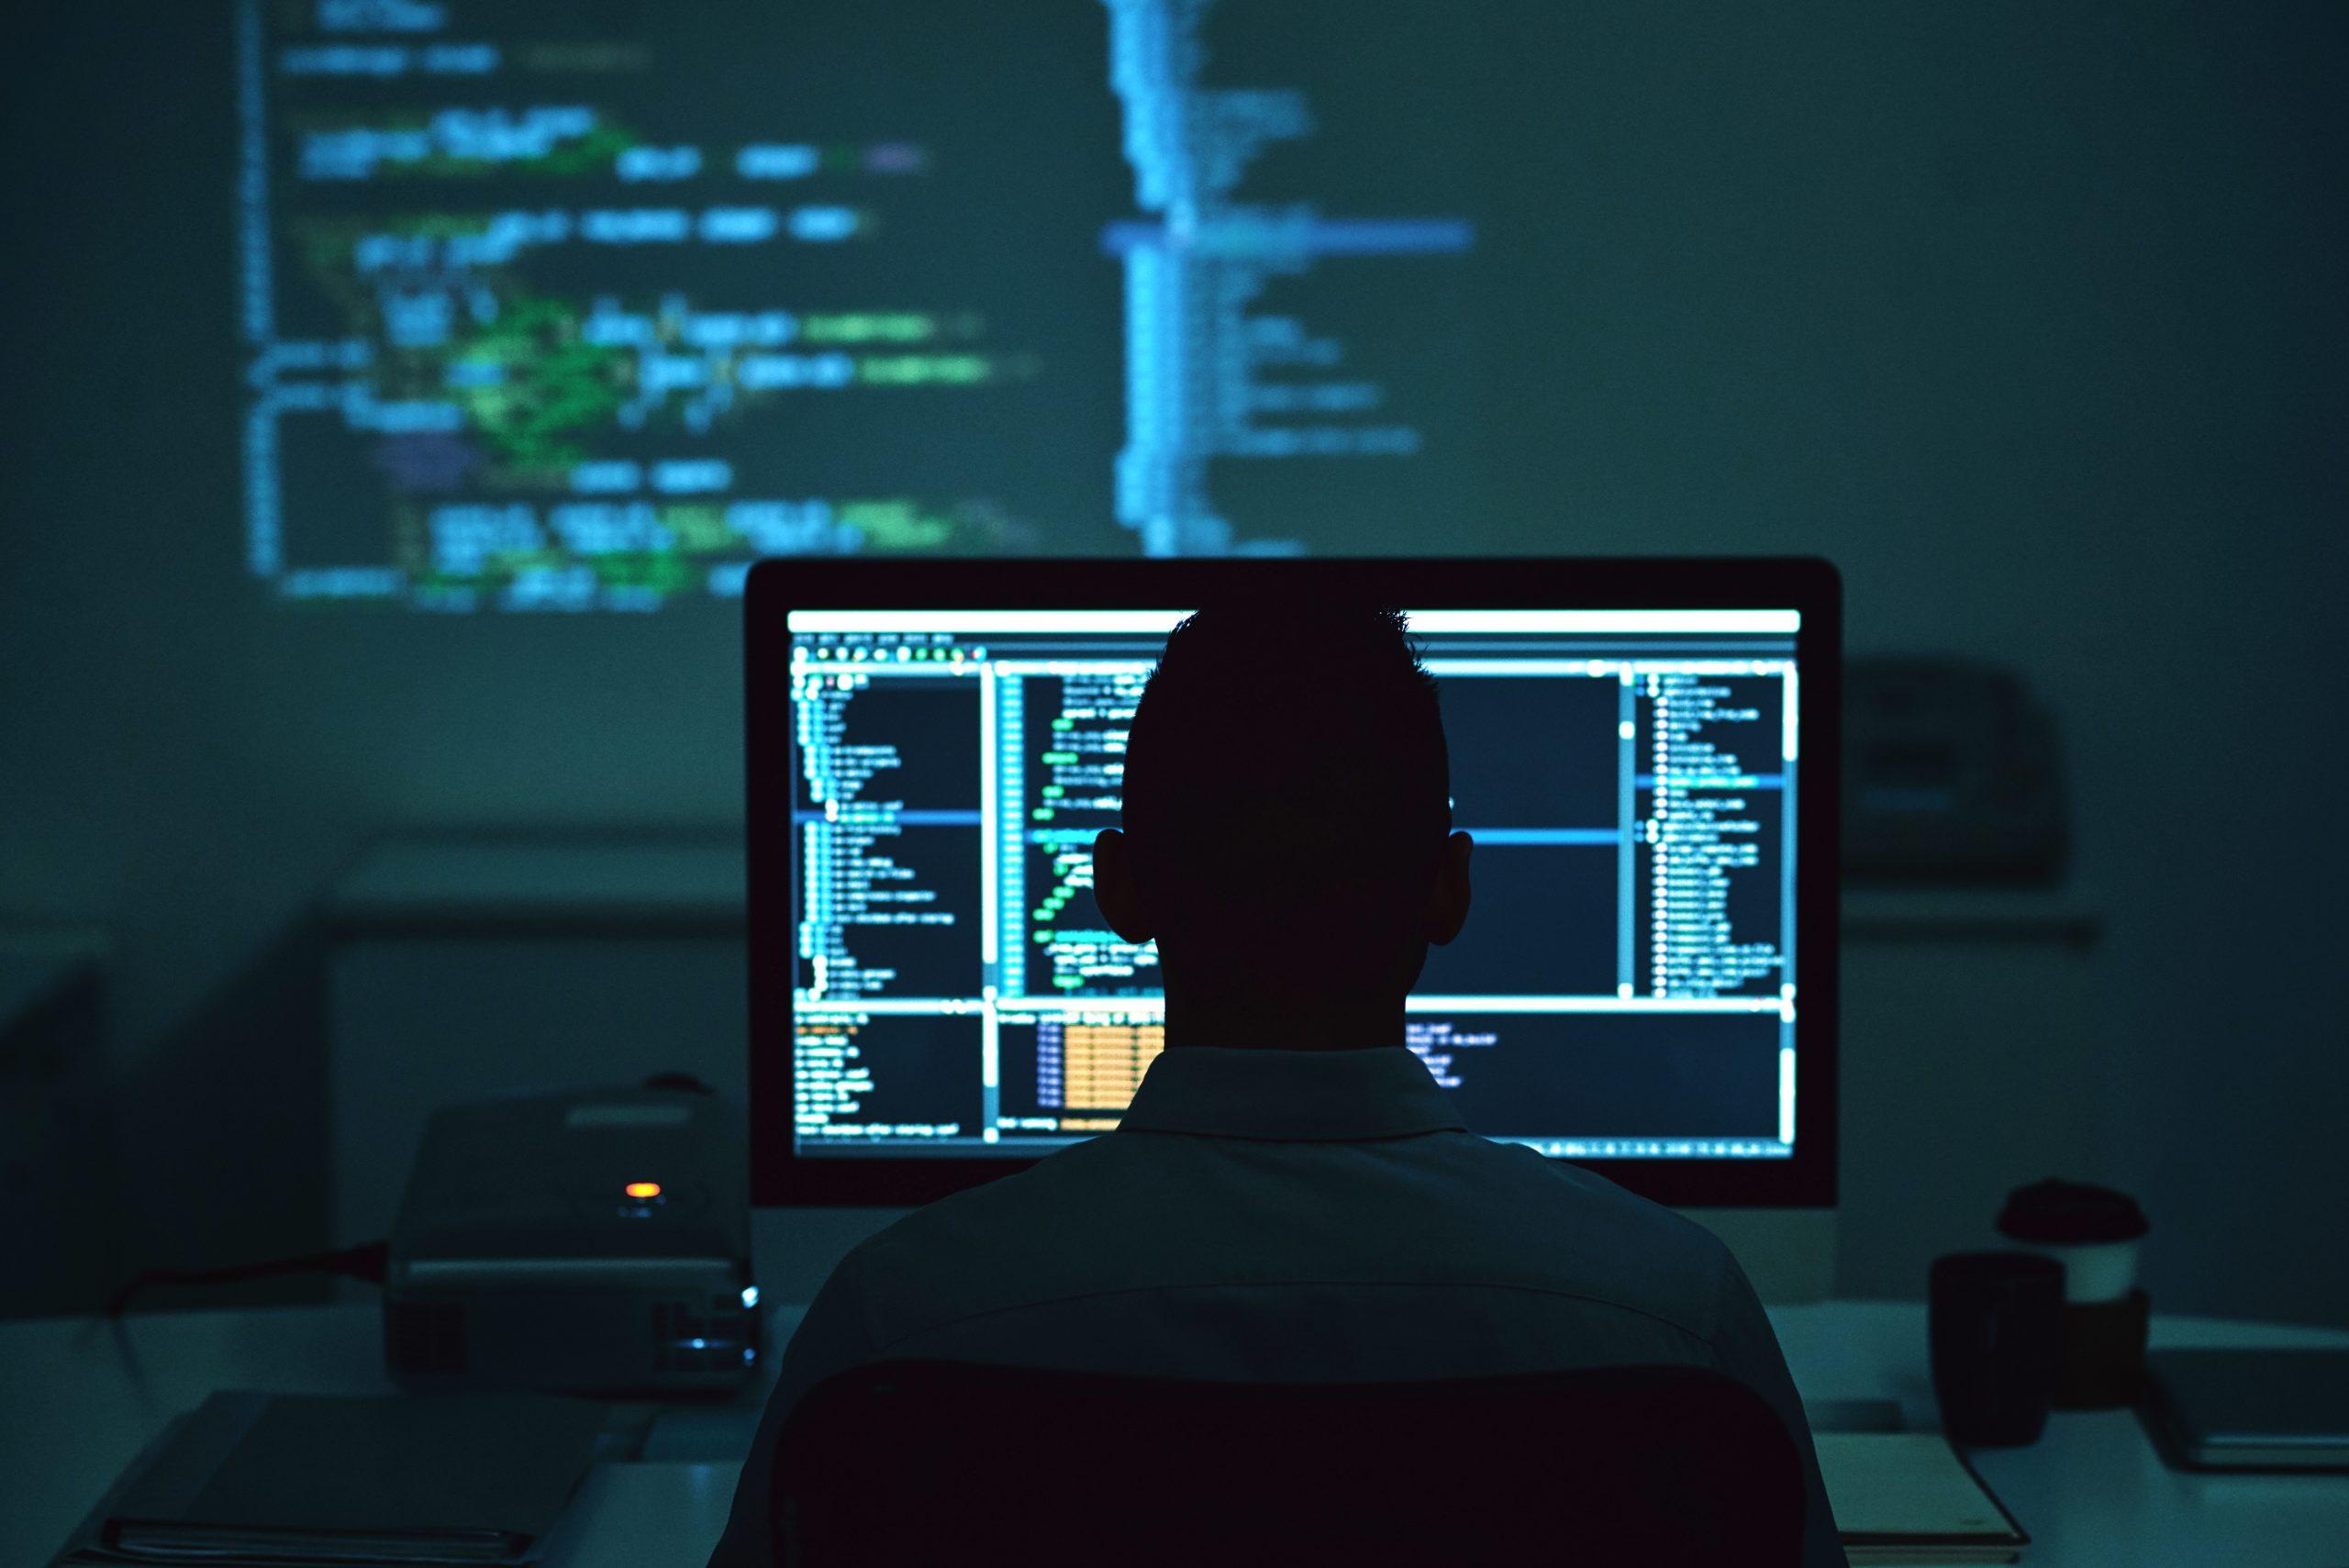 Aktuelle Rahmenbedingungen beschleunigen Neuausrichtung im Enduser-Computing